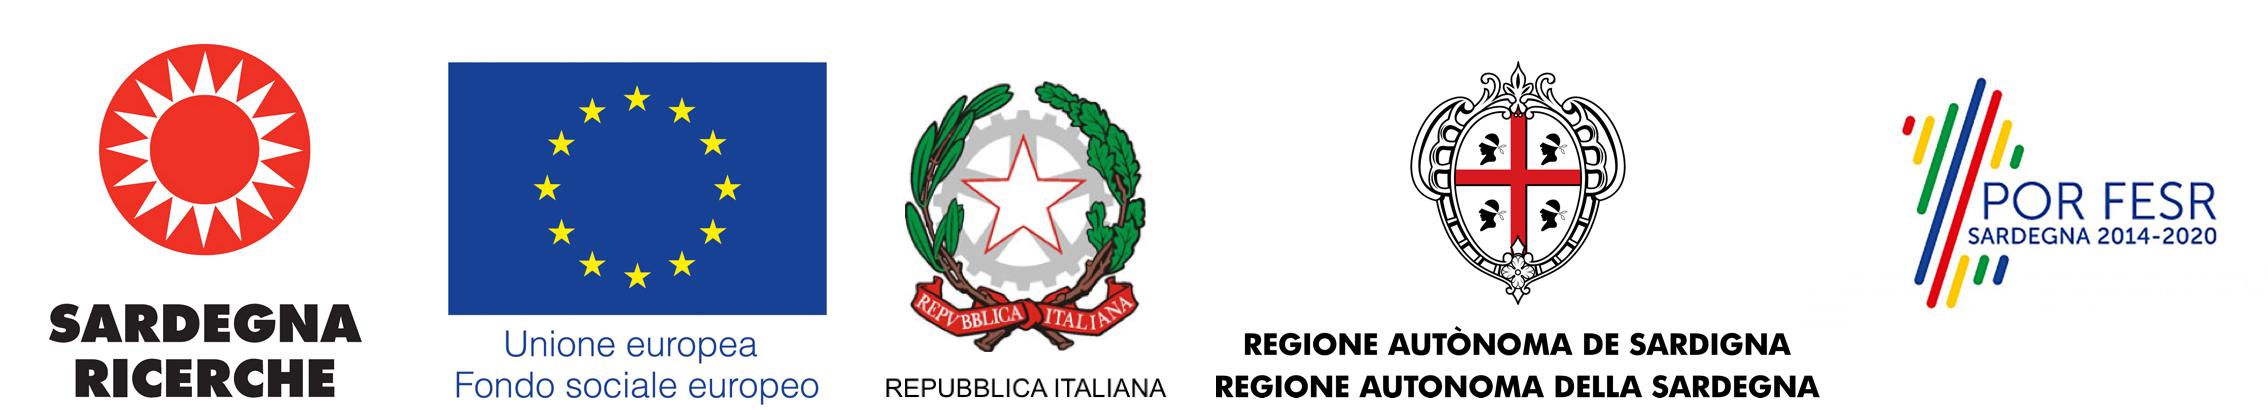 Loghi: Sardegna Ricerche, Unione Europea - Fondo Sociale Europeo, Repubblica Italiana, Regione Autonoma della Sardegna, POR FESR Sardegna 2014-2020